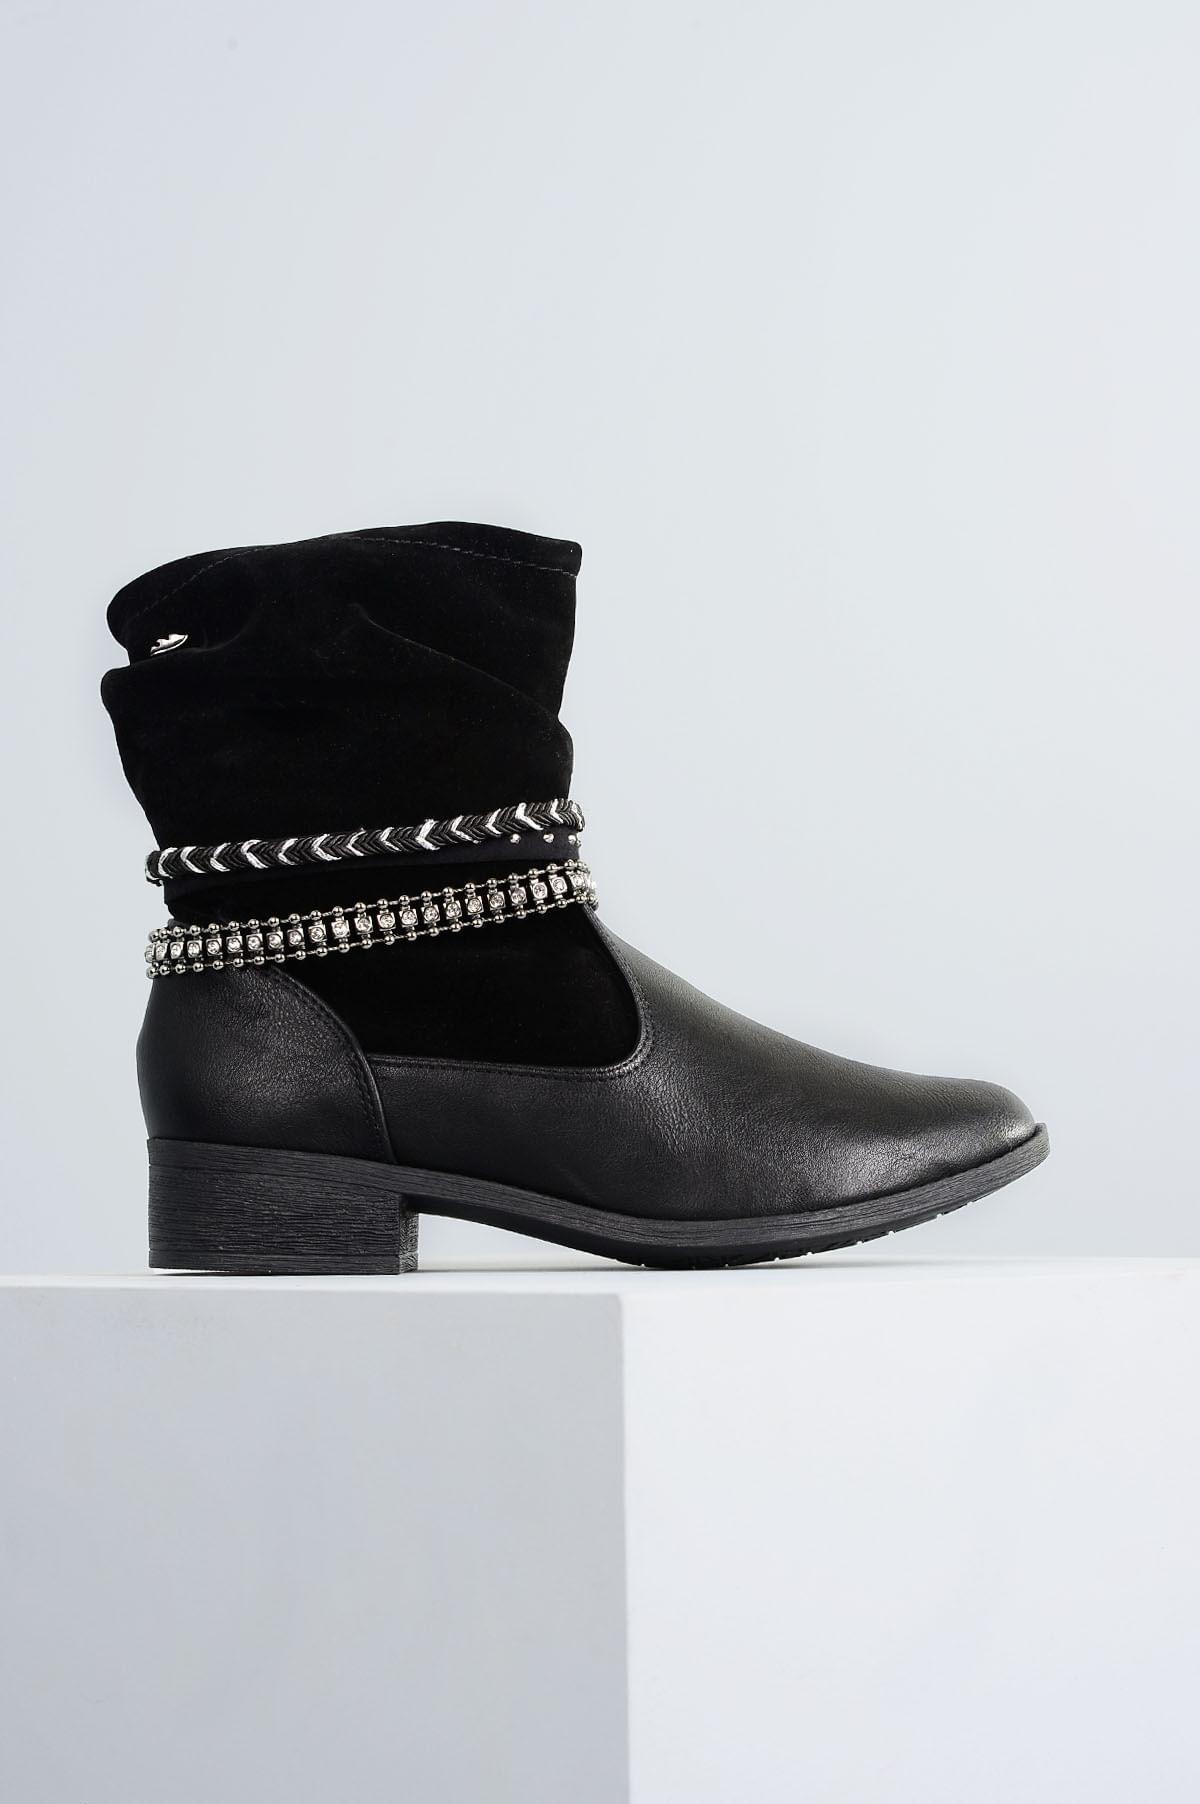 347292e57c Ankle Boot Feminino Topy Dakota SINT - PRETO - Mundial Calçados